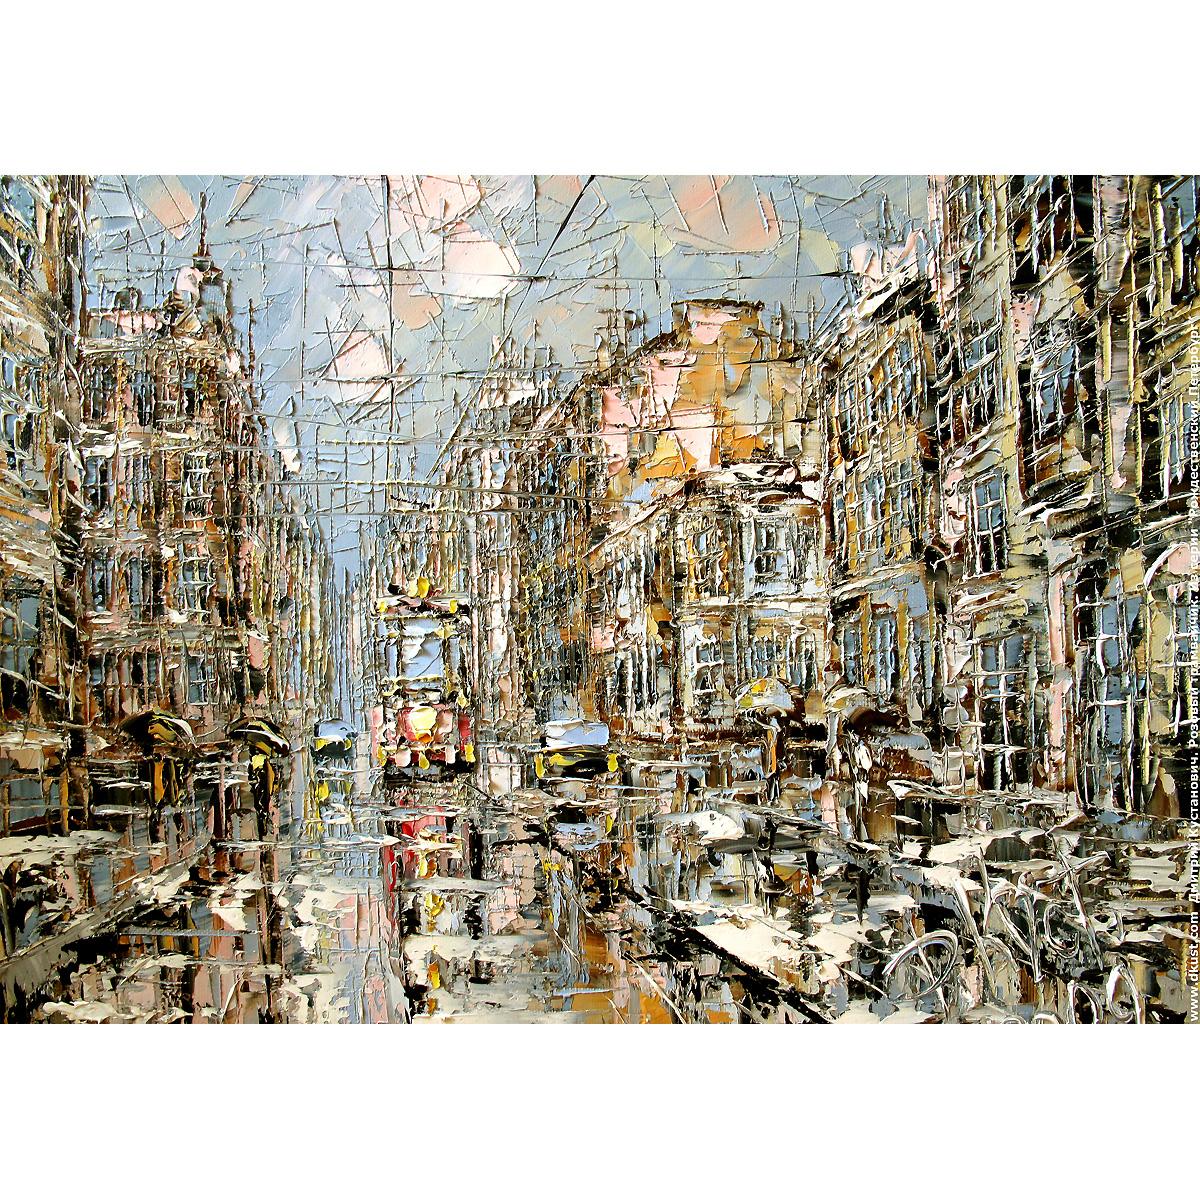 Репродукция по картине Дмитрия Кустановича «Розовый трамвайчик»